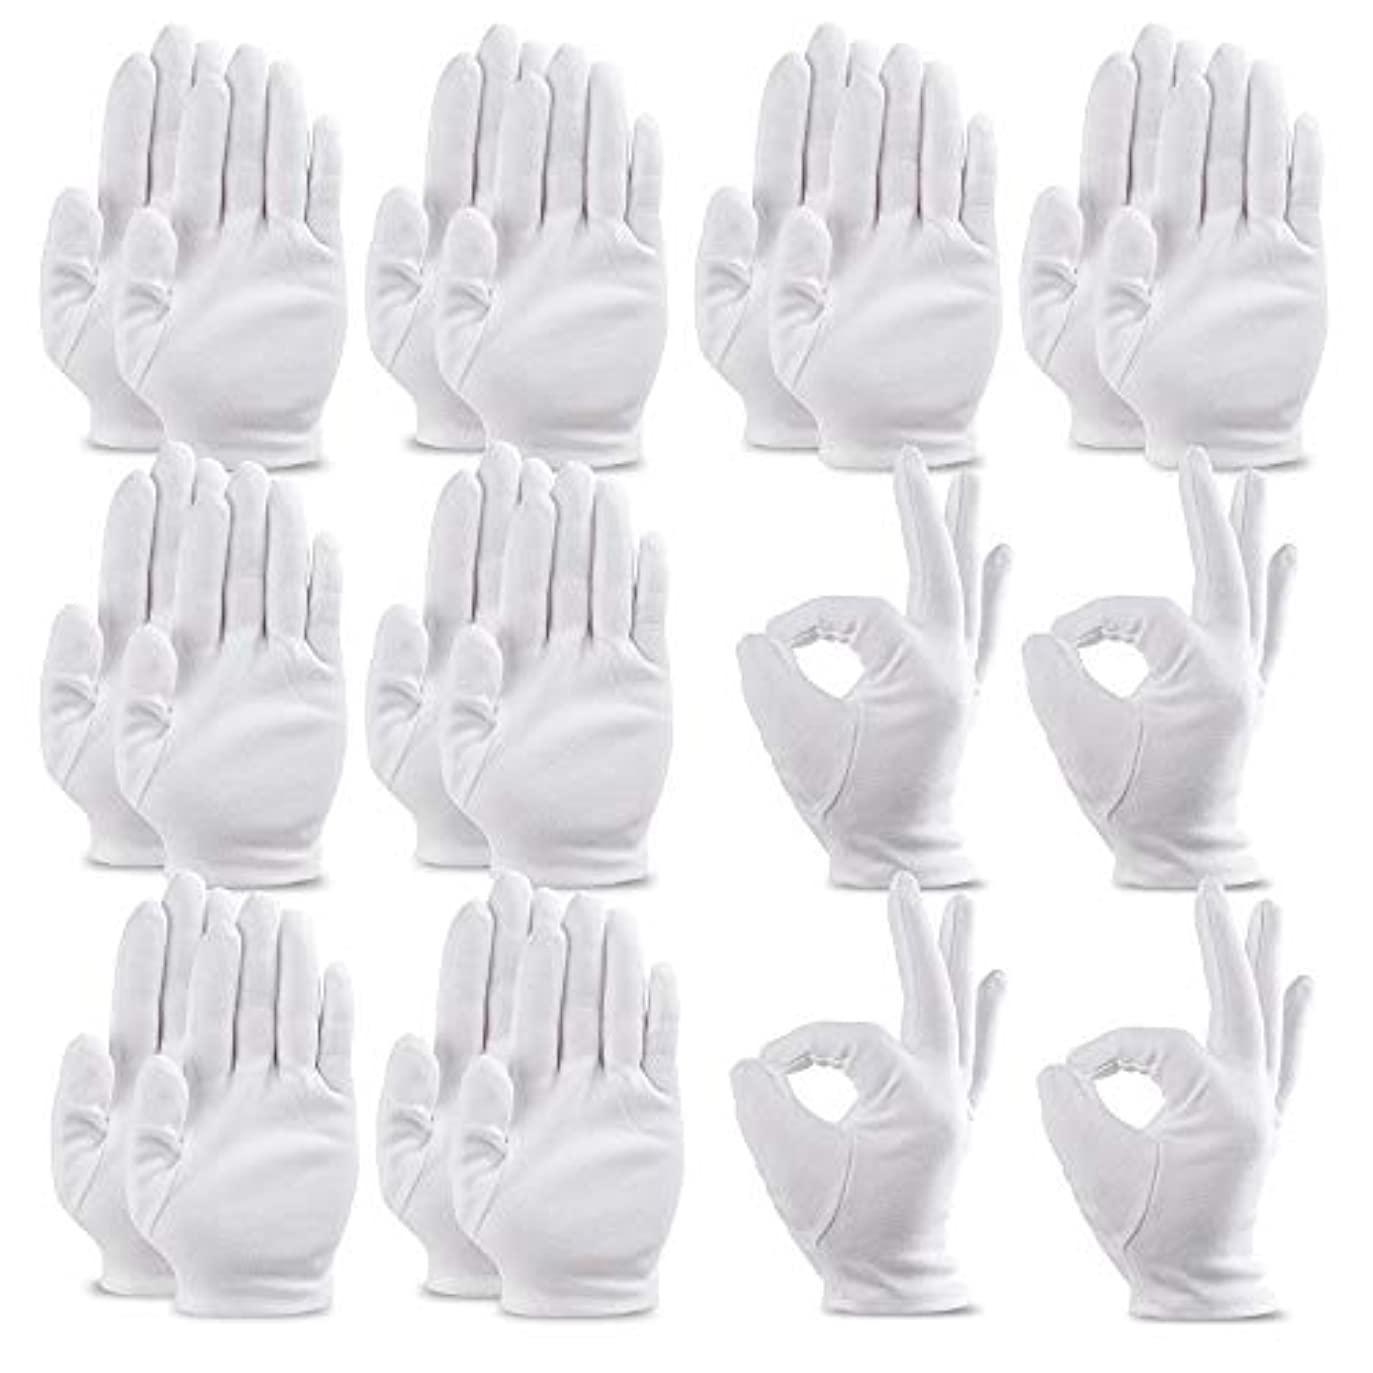 ガレージ示す添加剤20枚入手袋 綿手袋 乾燥肌用 湿疹用 保湿用 コットン手袋 インナーコットン 手荒れ イズ